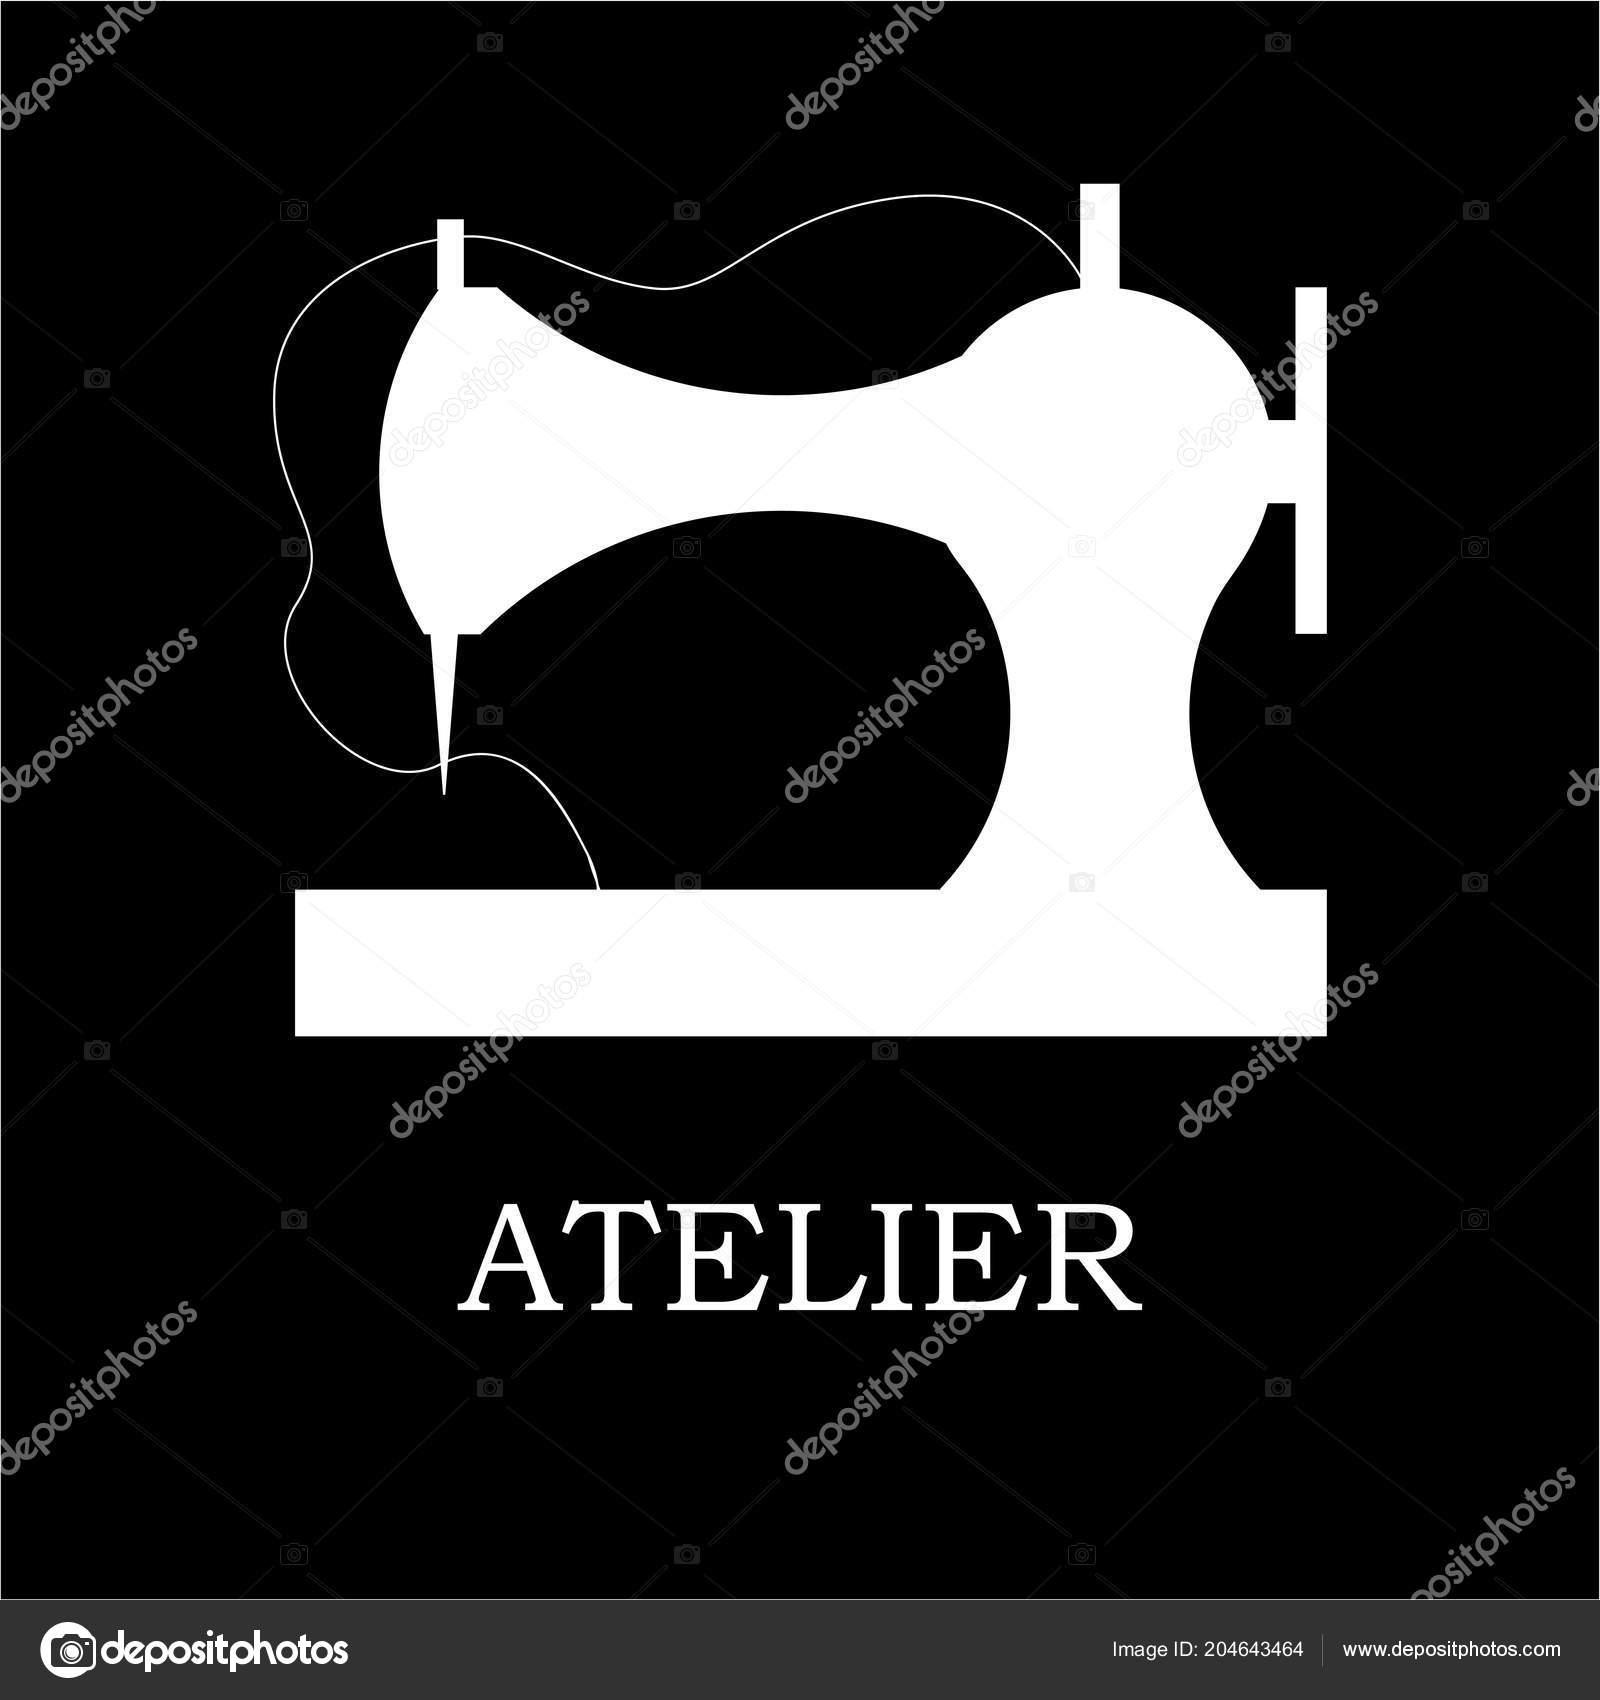 Векторная иллюстрация швейной машины и аксессуары для шитья магазин и ателье.  Logothype 0fcf1e1fb8253